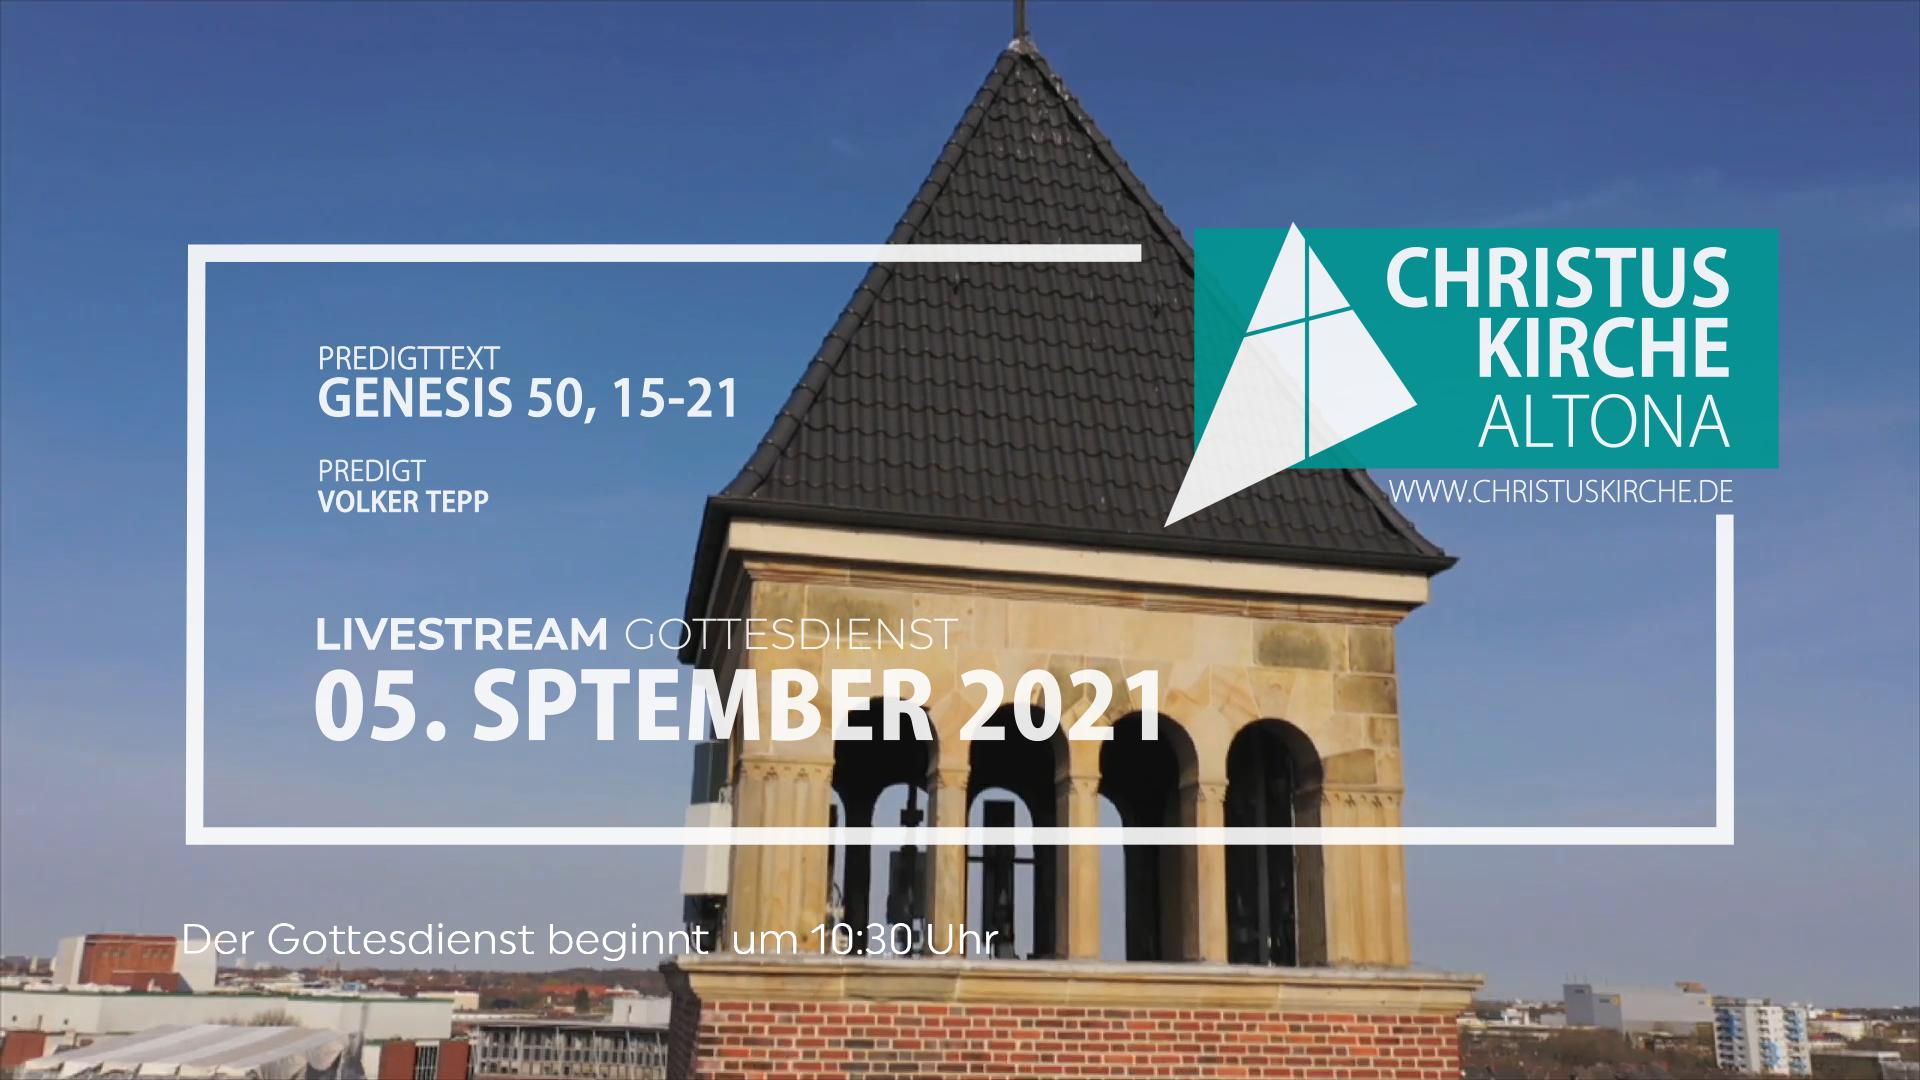 Gottesdienst - am 5. September - Livestream aus der Christuskirche Altona